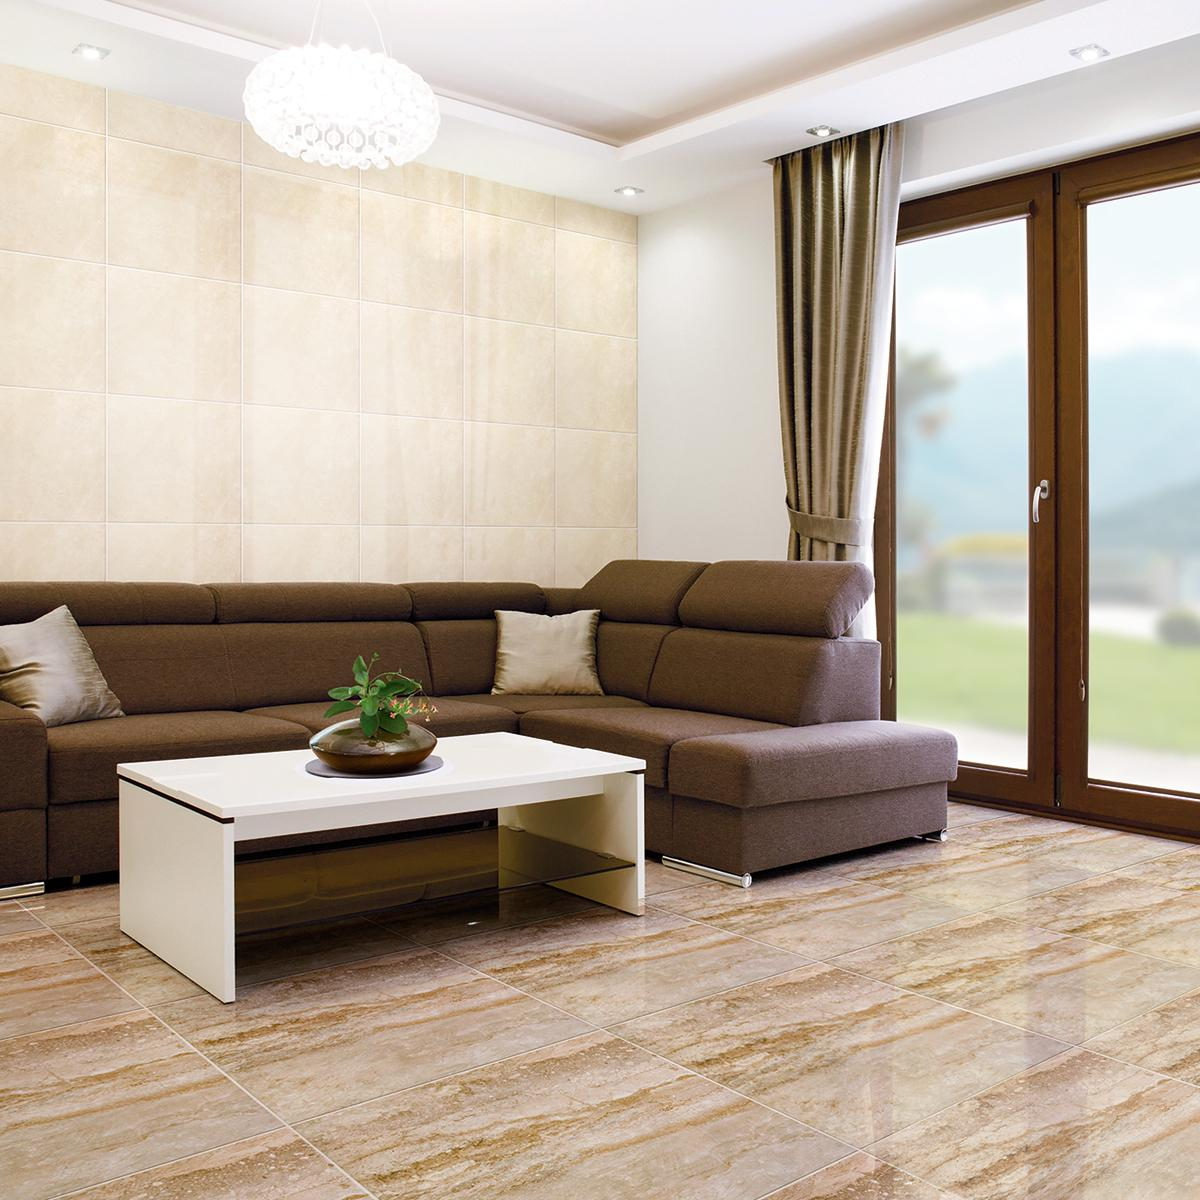 Piso Victoria Beige Brillante - 60X60 cm - 1.80 m2